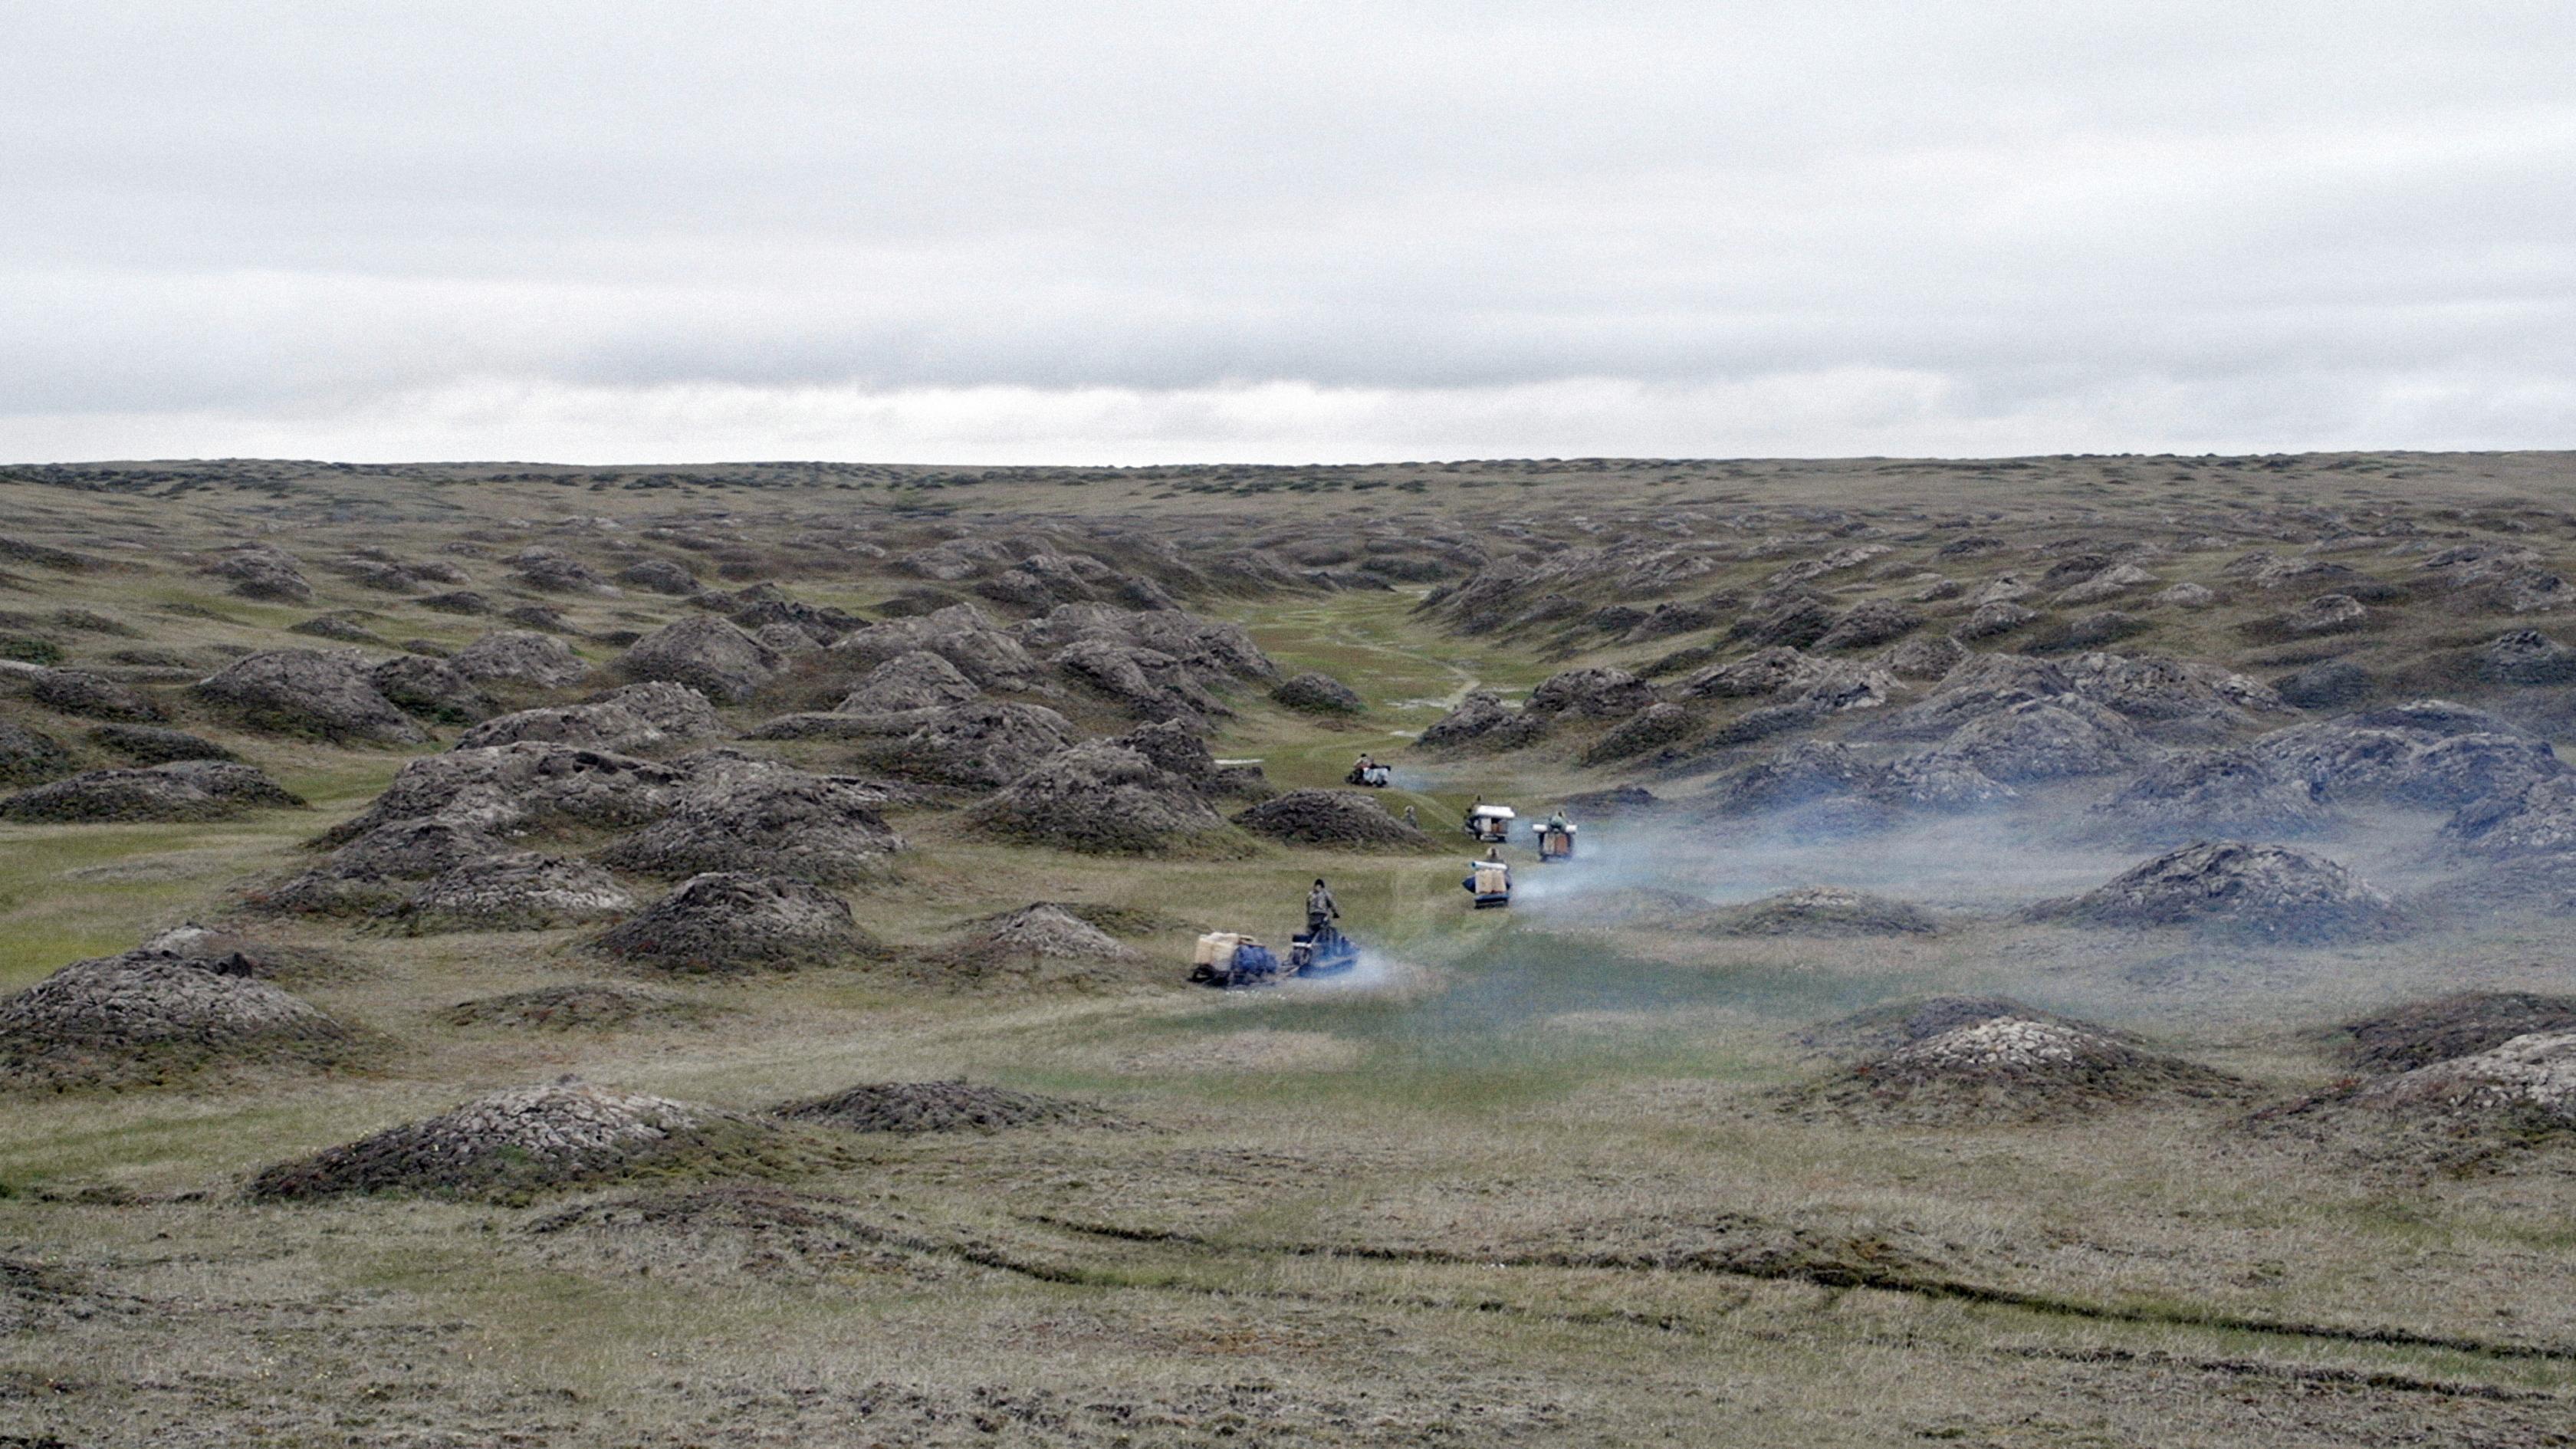 Ivoorzoekers trotseren het barre landschap van de Nieuw-Siberische Eilanden. Beeld: Genesis 2.0